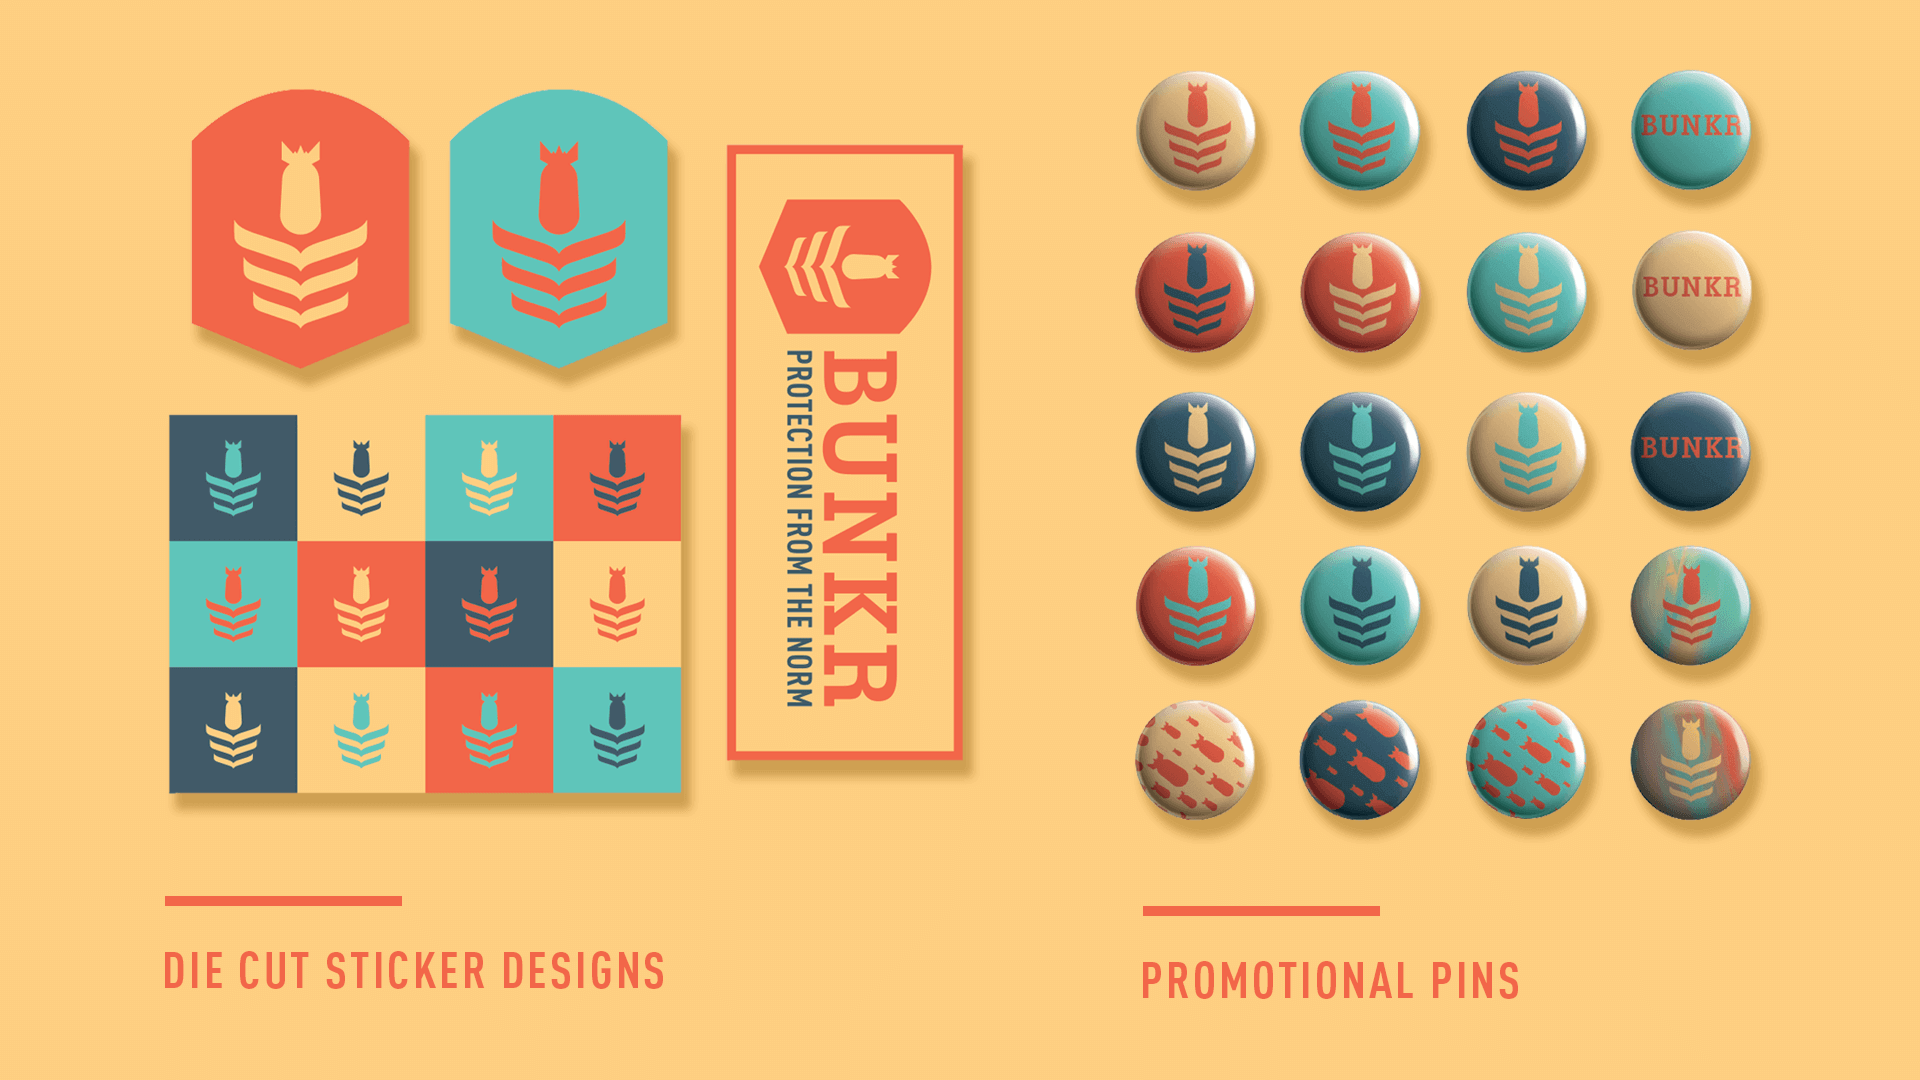 bunkr-stickerspins